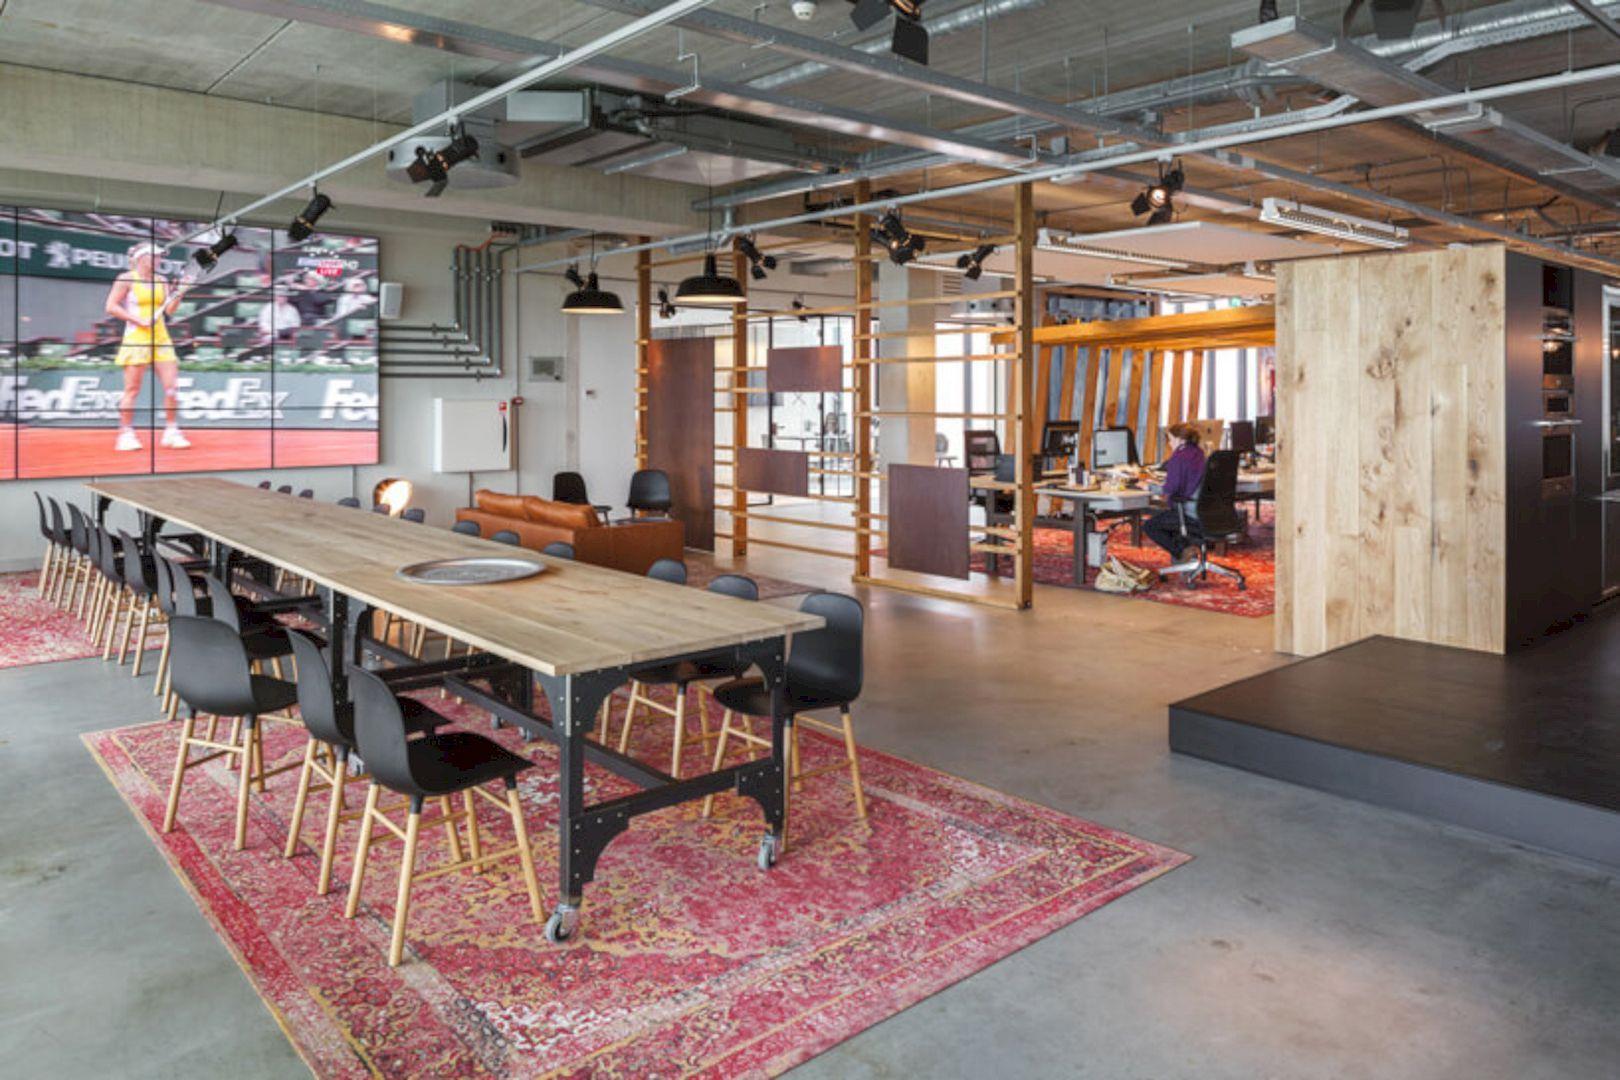 Merveilleux Best Modern And Gorgeous Office Interior Design Ideas  Https://www.futuristarchitecture.